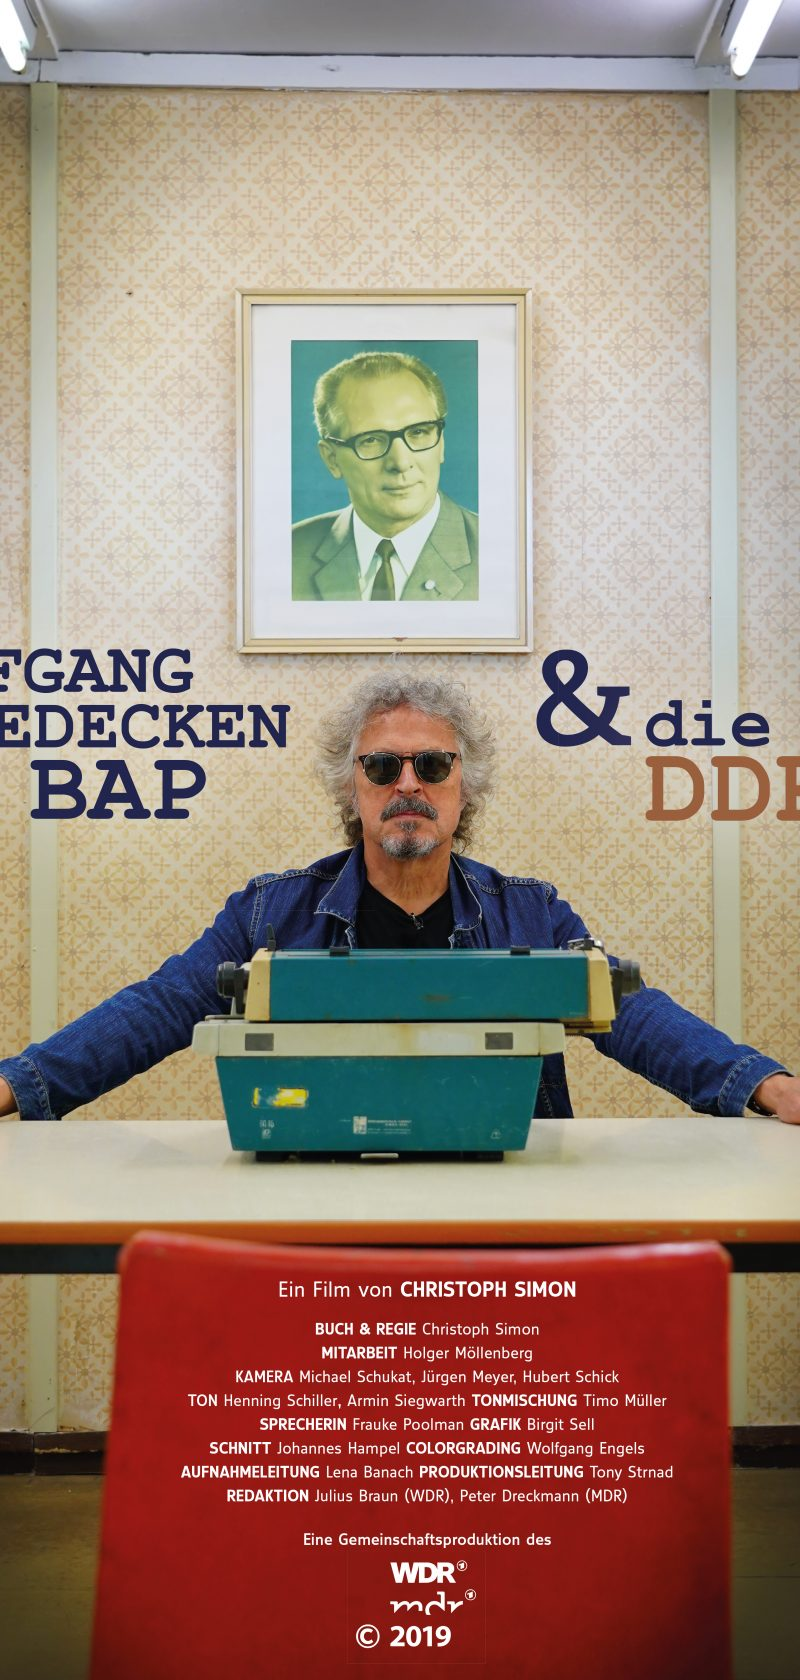 Niedecken, BAP & die DDR